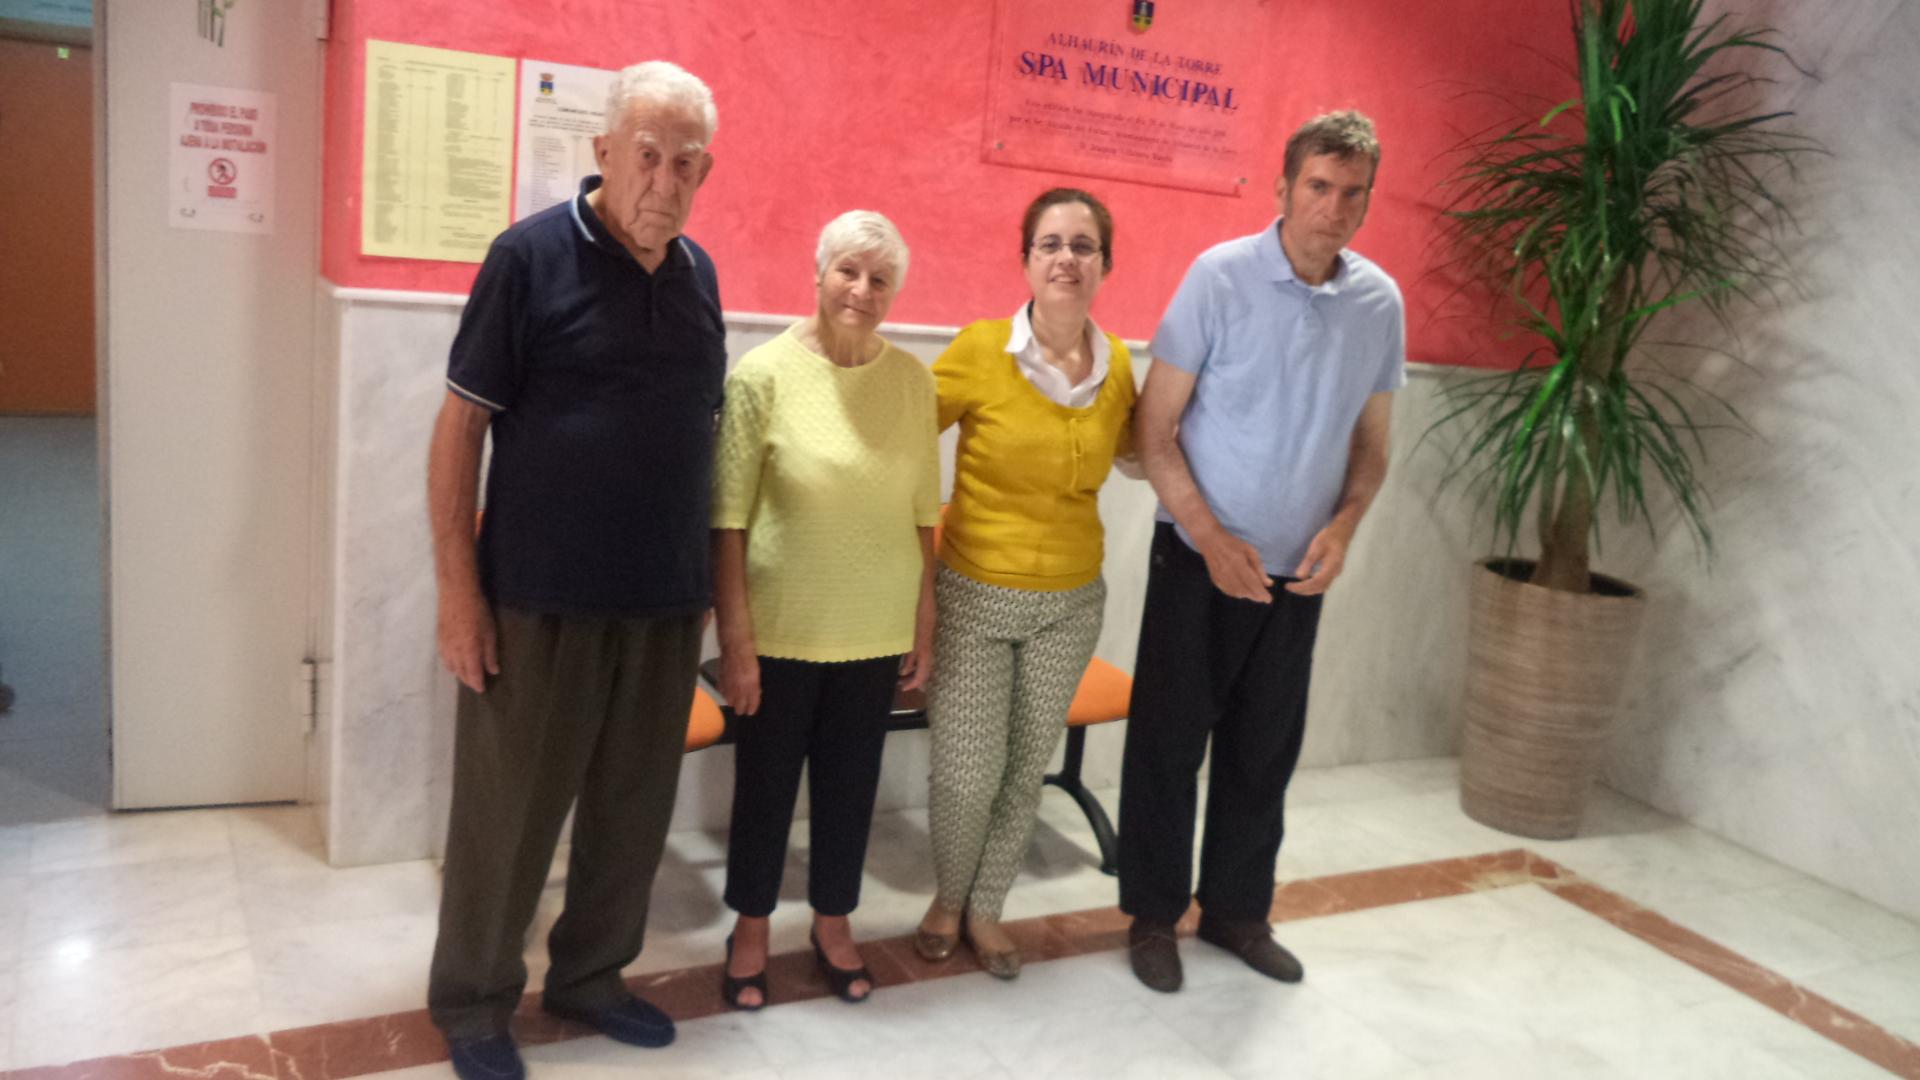 Fisioterapia y spa residencia de mayores